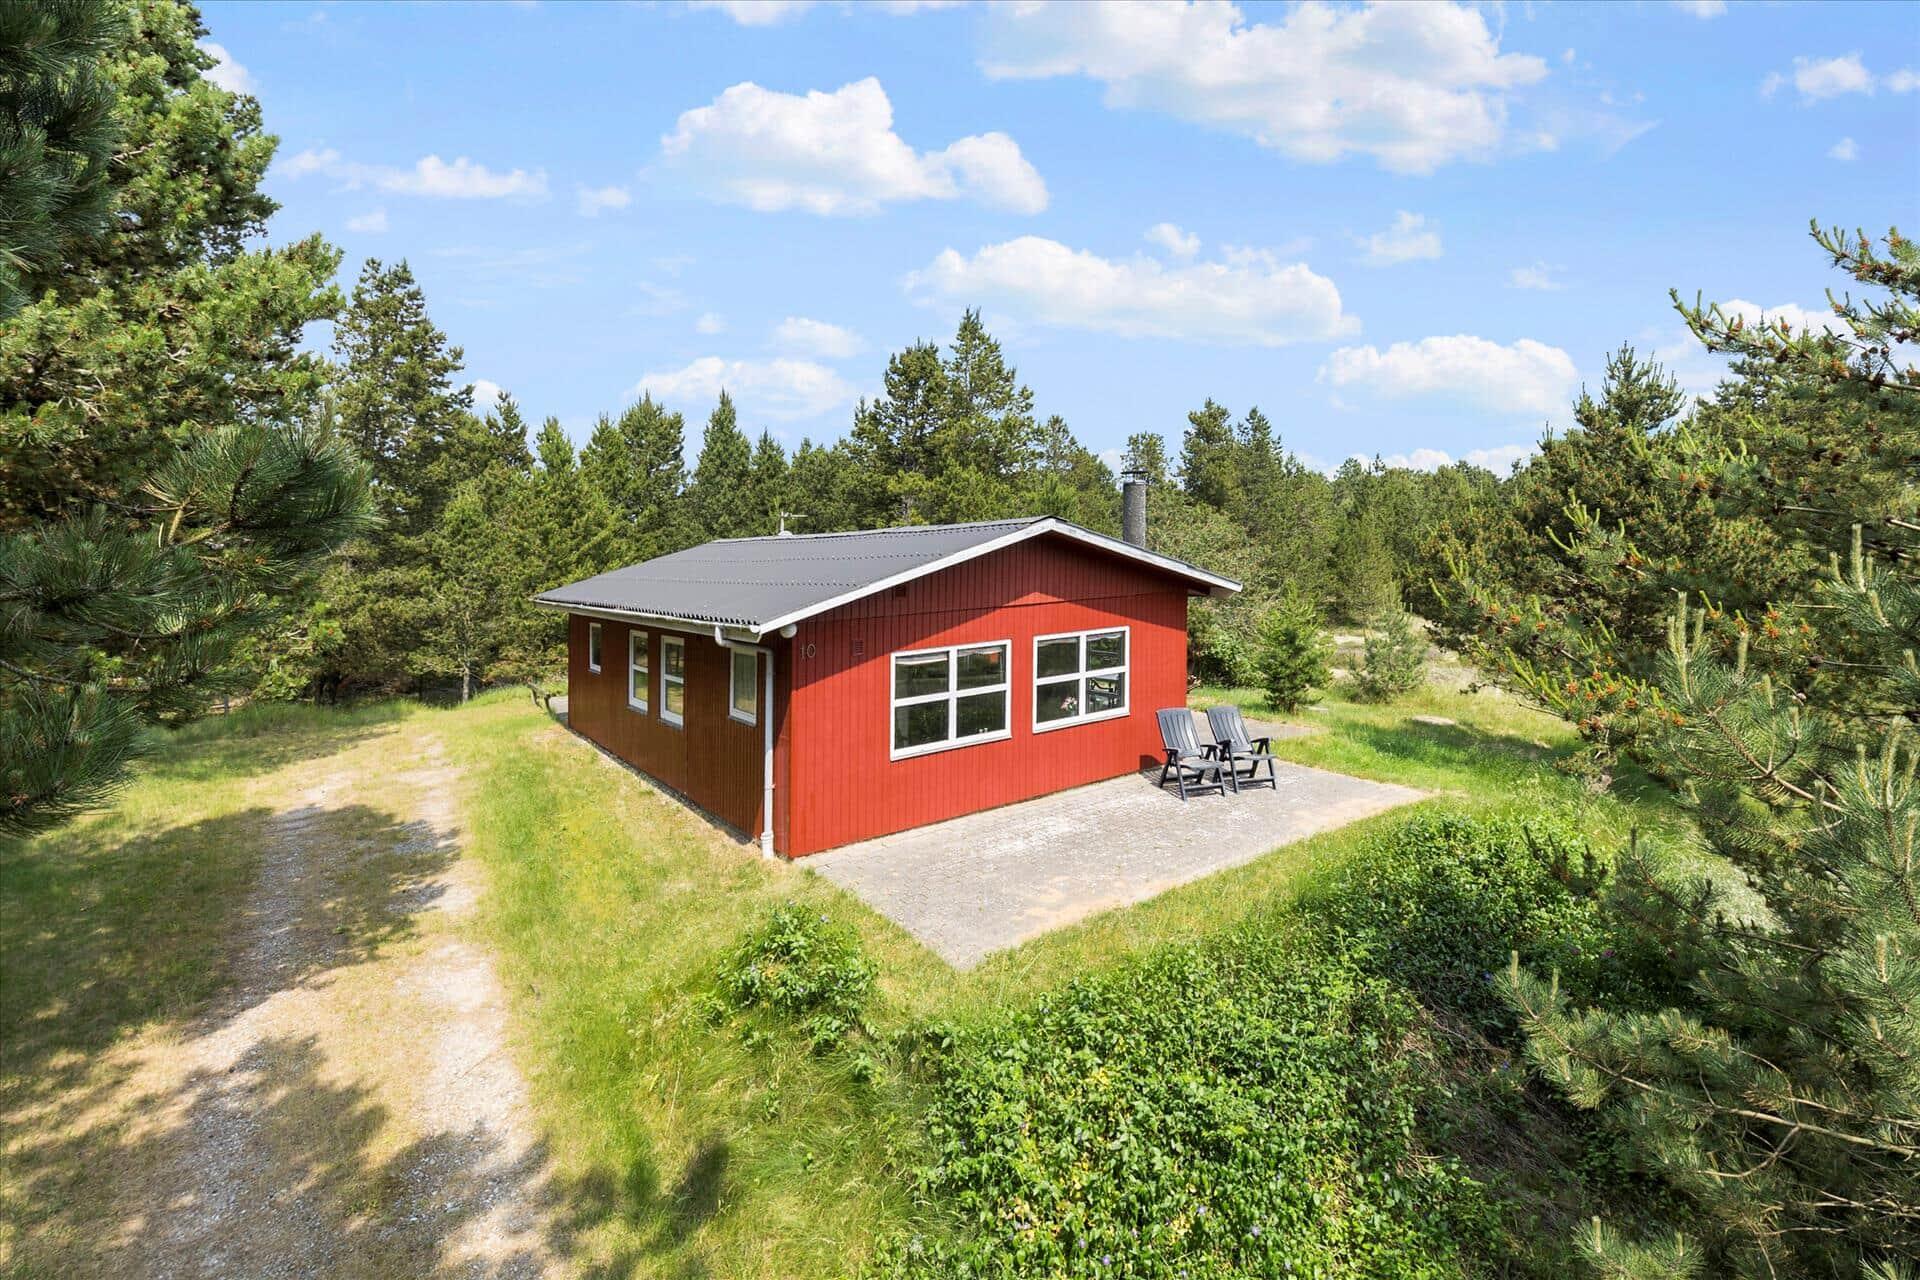 Billede 0-11 Sommerhus 0210, Vestergårdsvej 10, DK - 6792 Rømø